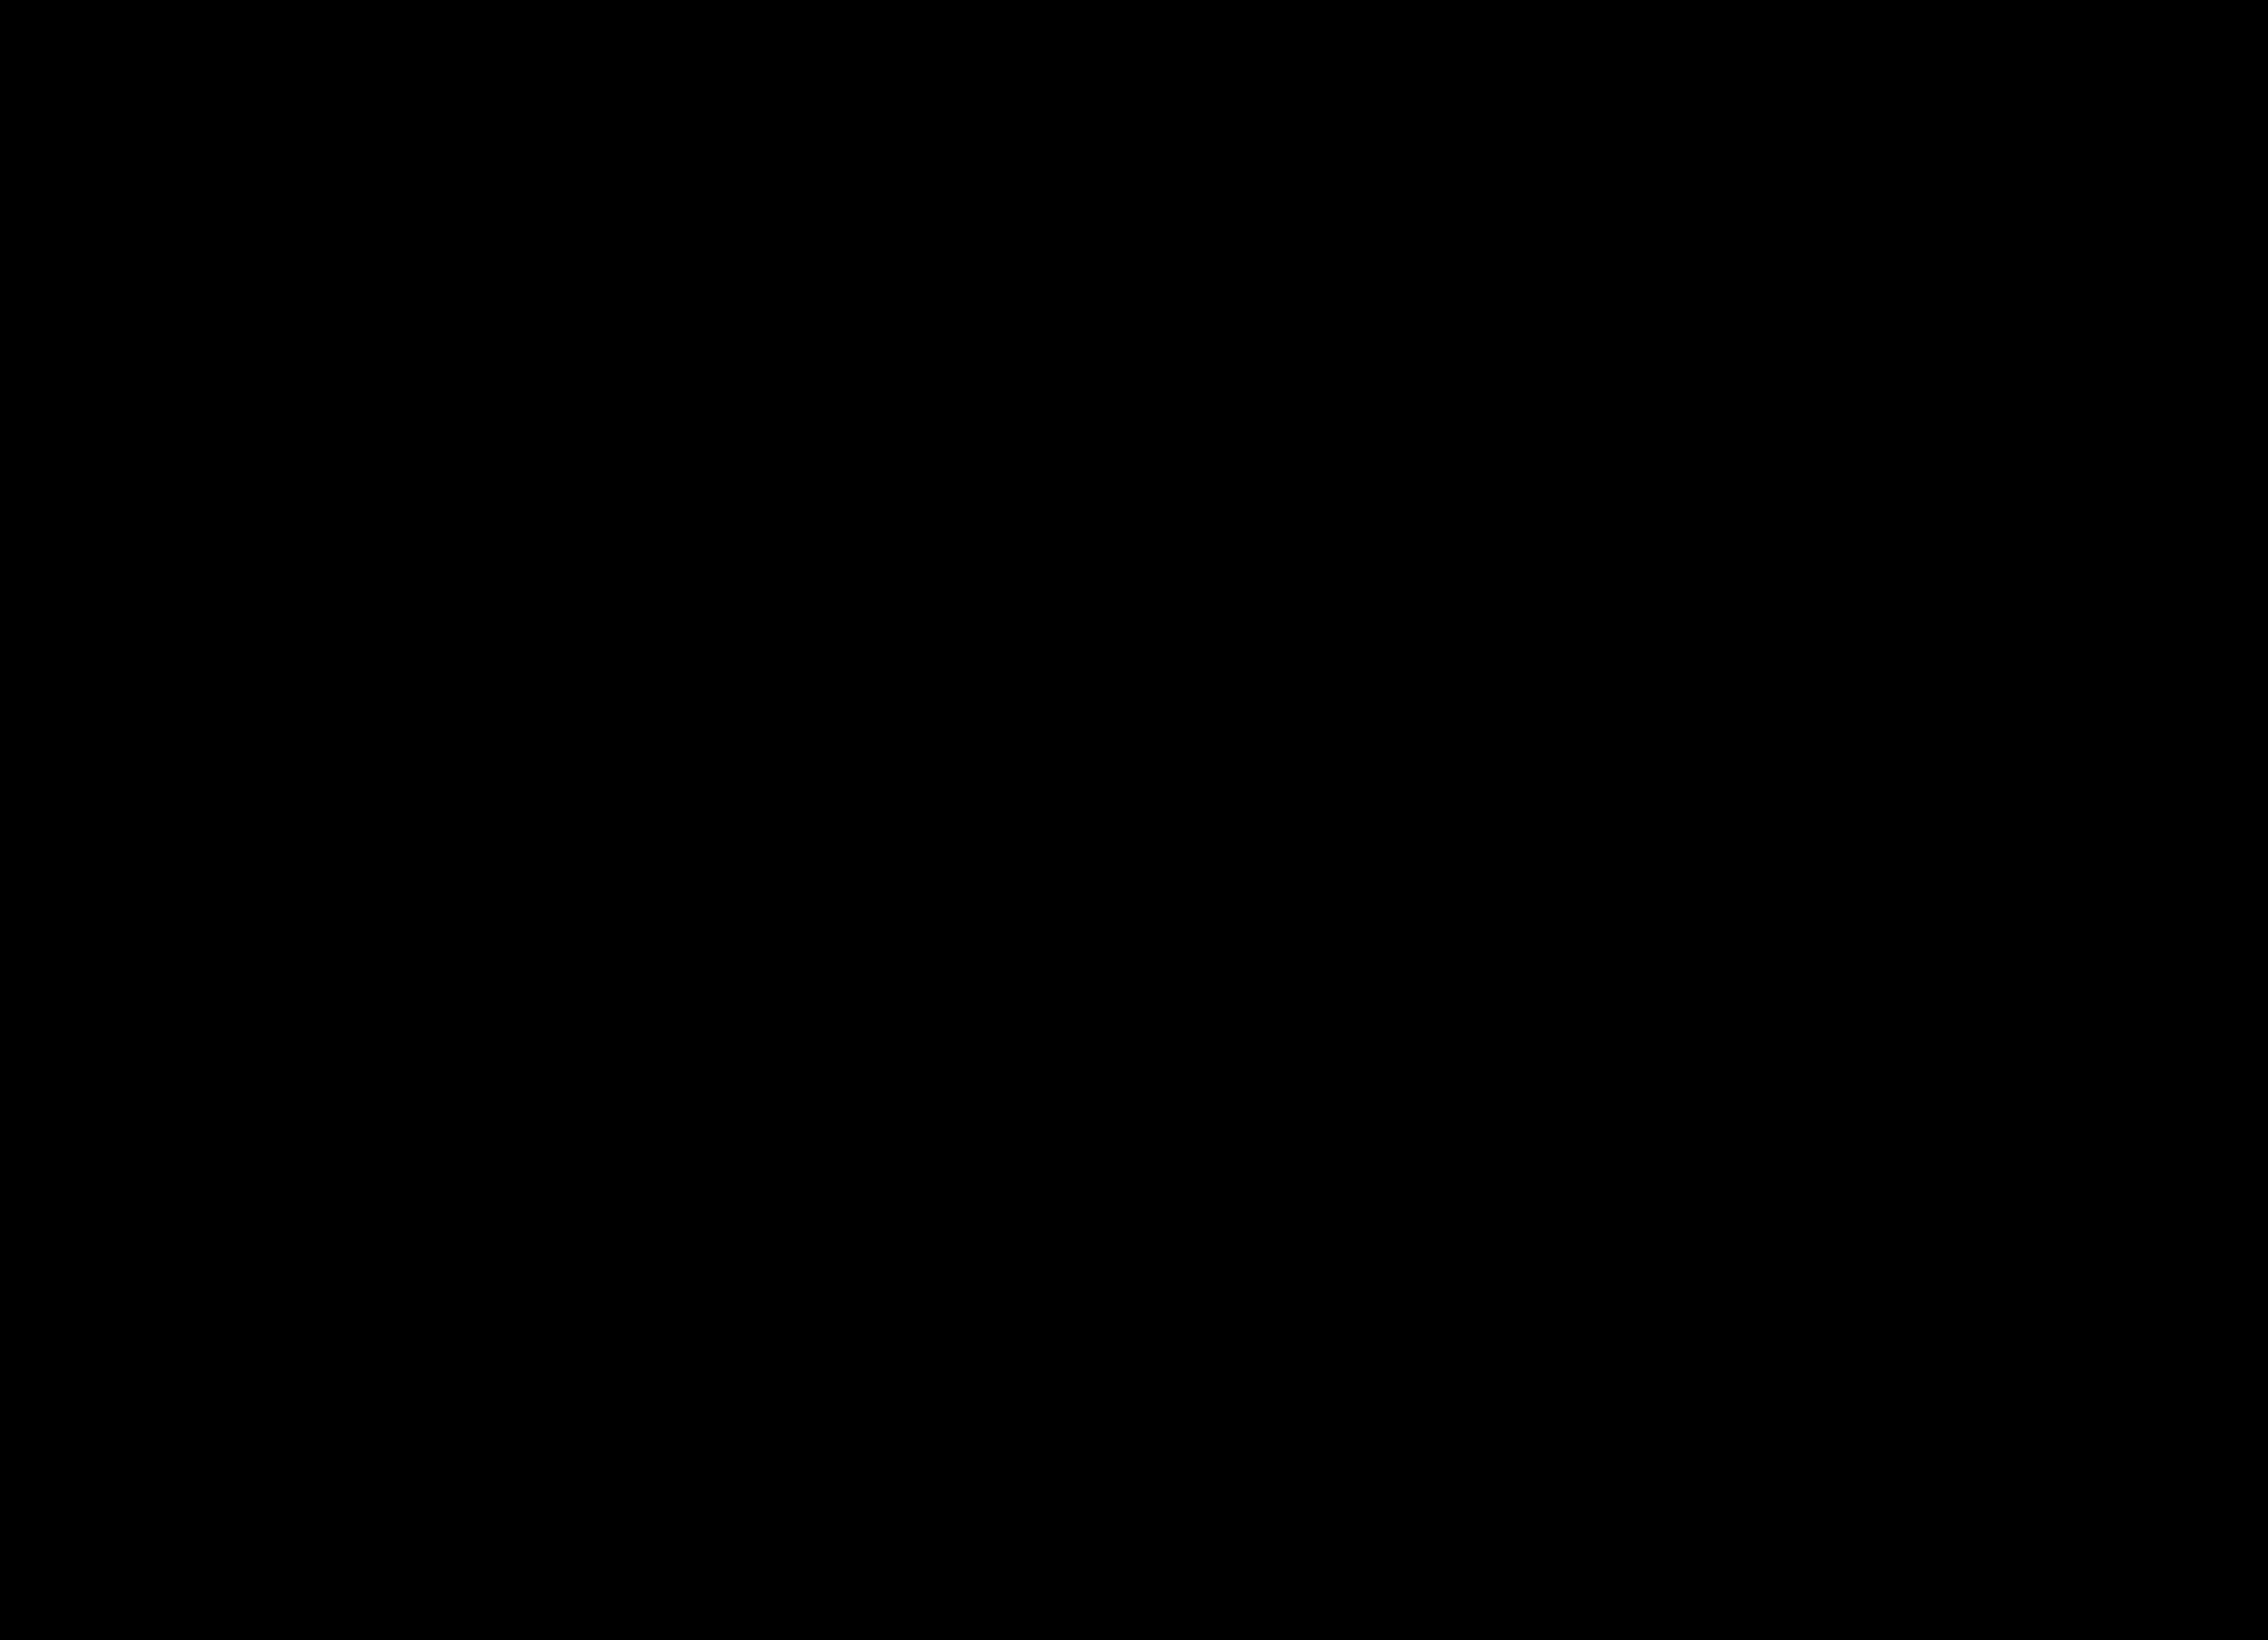 Black Alienware Wallpapers Top Free Black Alienware Backgrounds